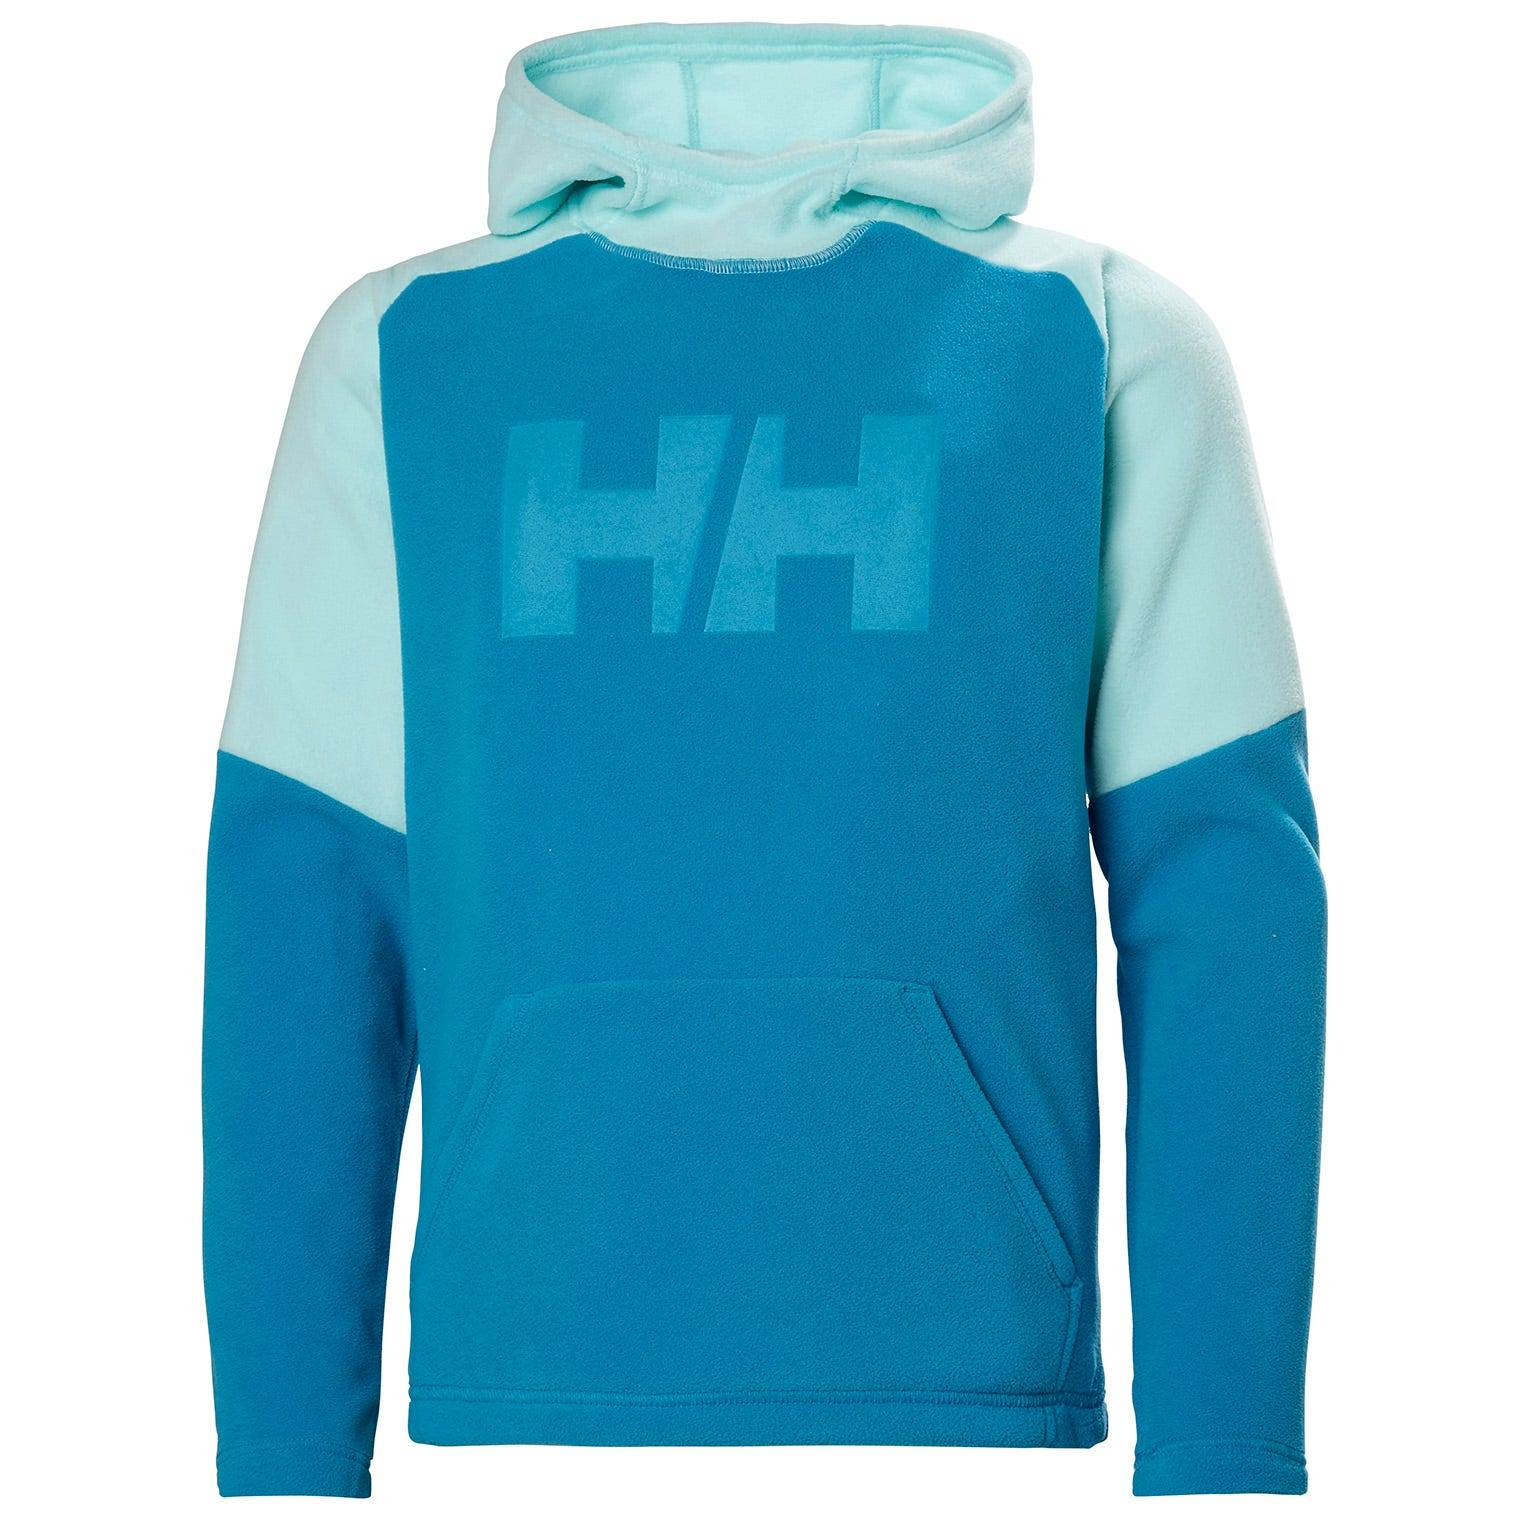 Helly Hansen Junior Daybreaker Hoodie Kids Fleece Blue 128/8